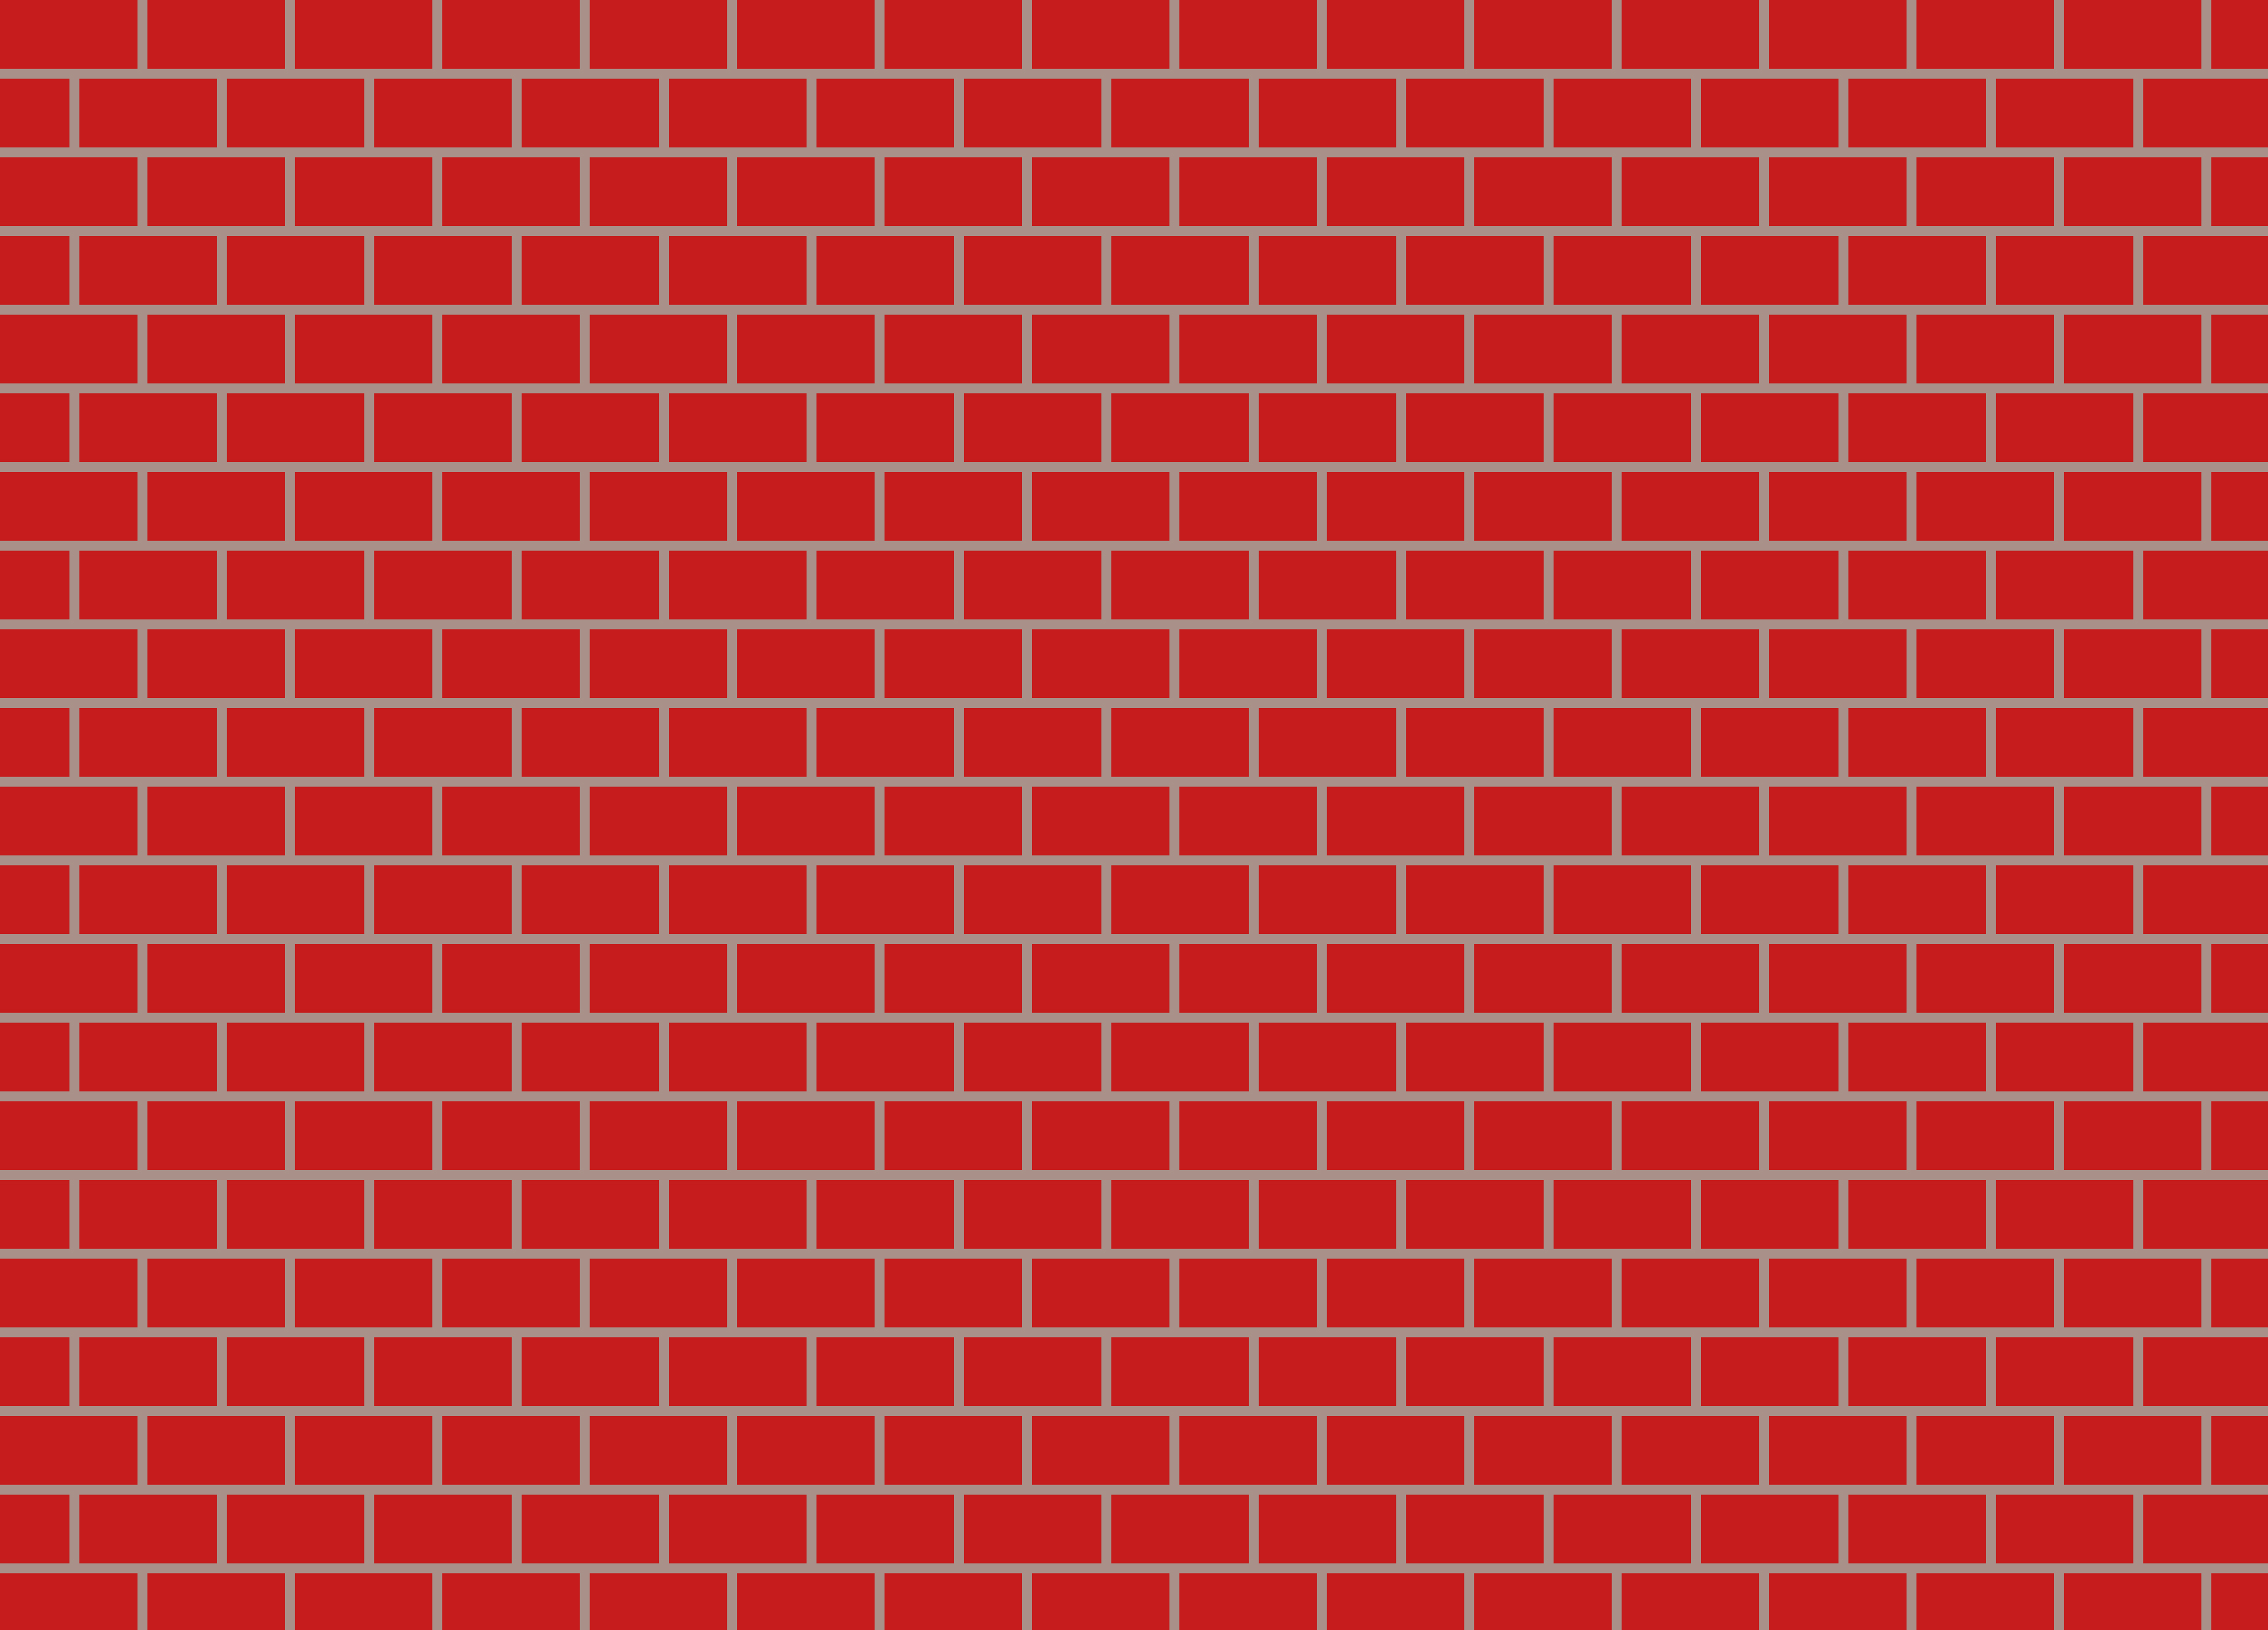 Brick wall clipart vector royalty free Free Wall Cliparts, Download Free Clip Art, Free Clip Art on Clipart ... vector royalty free